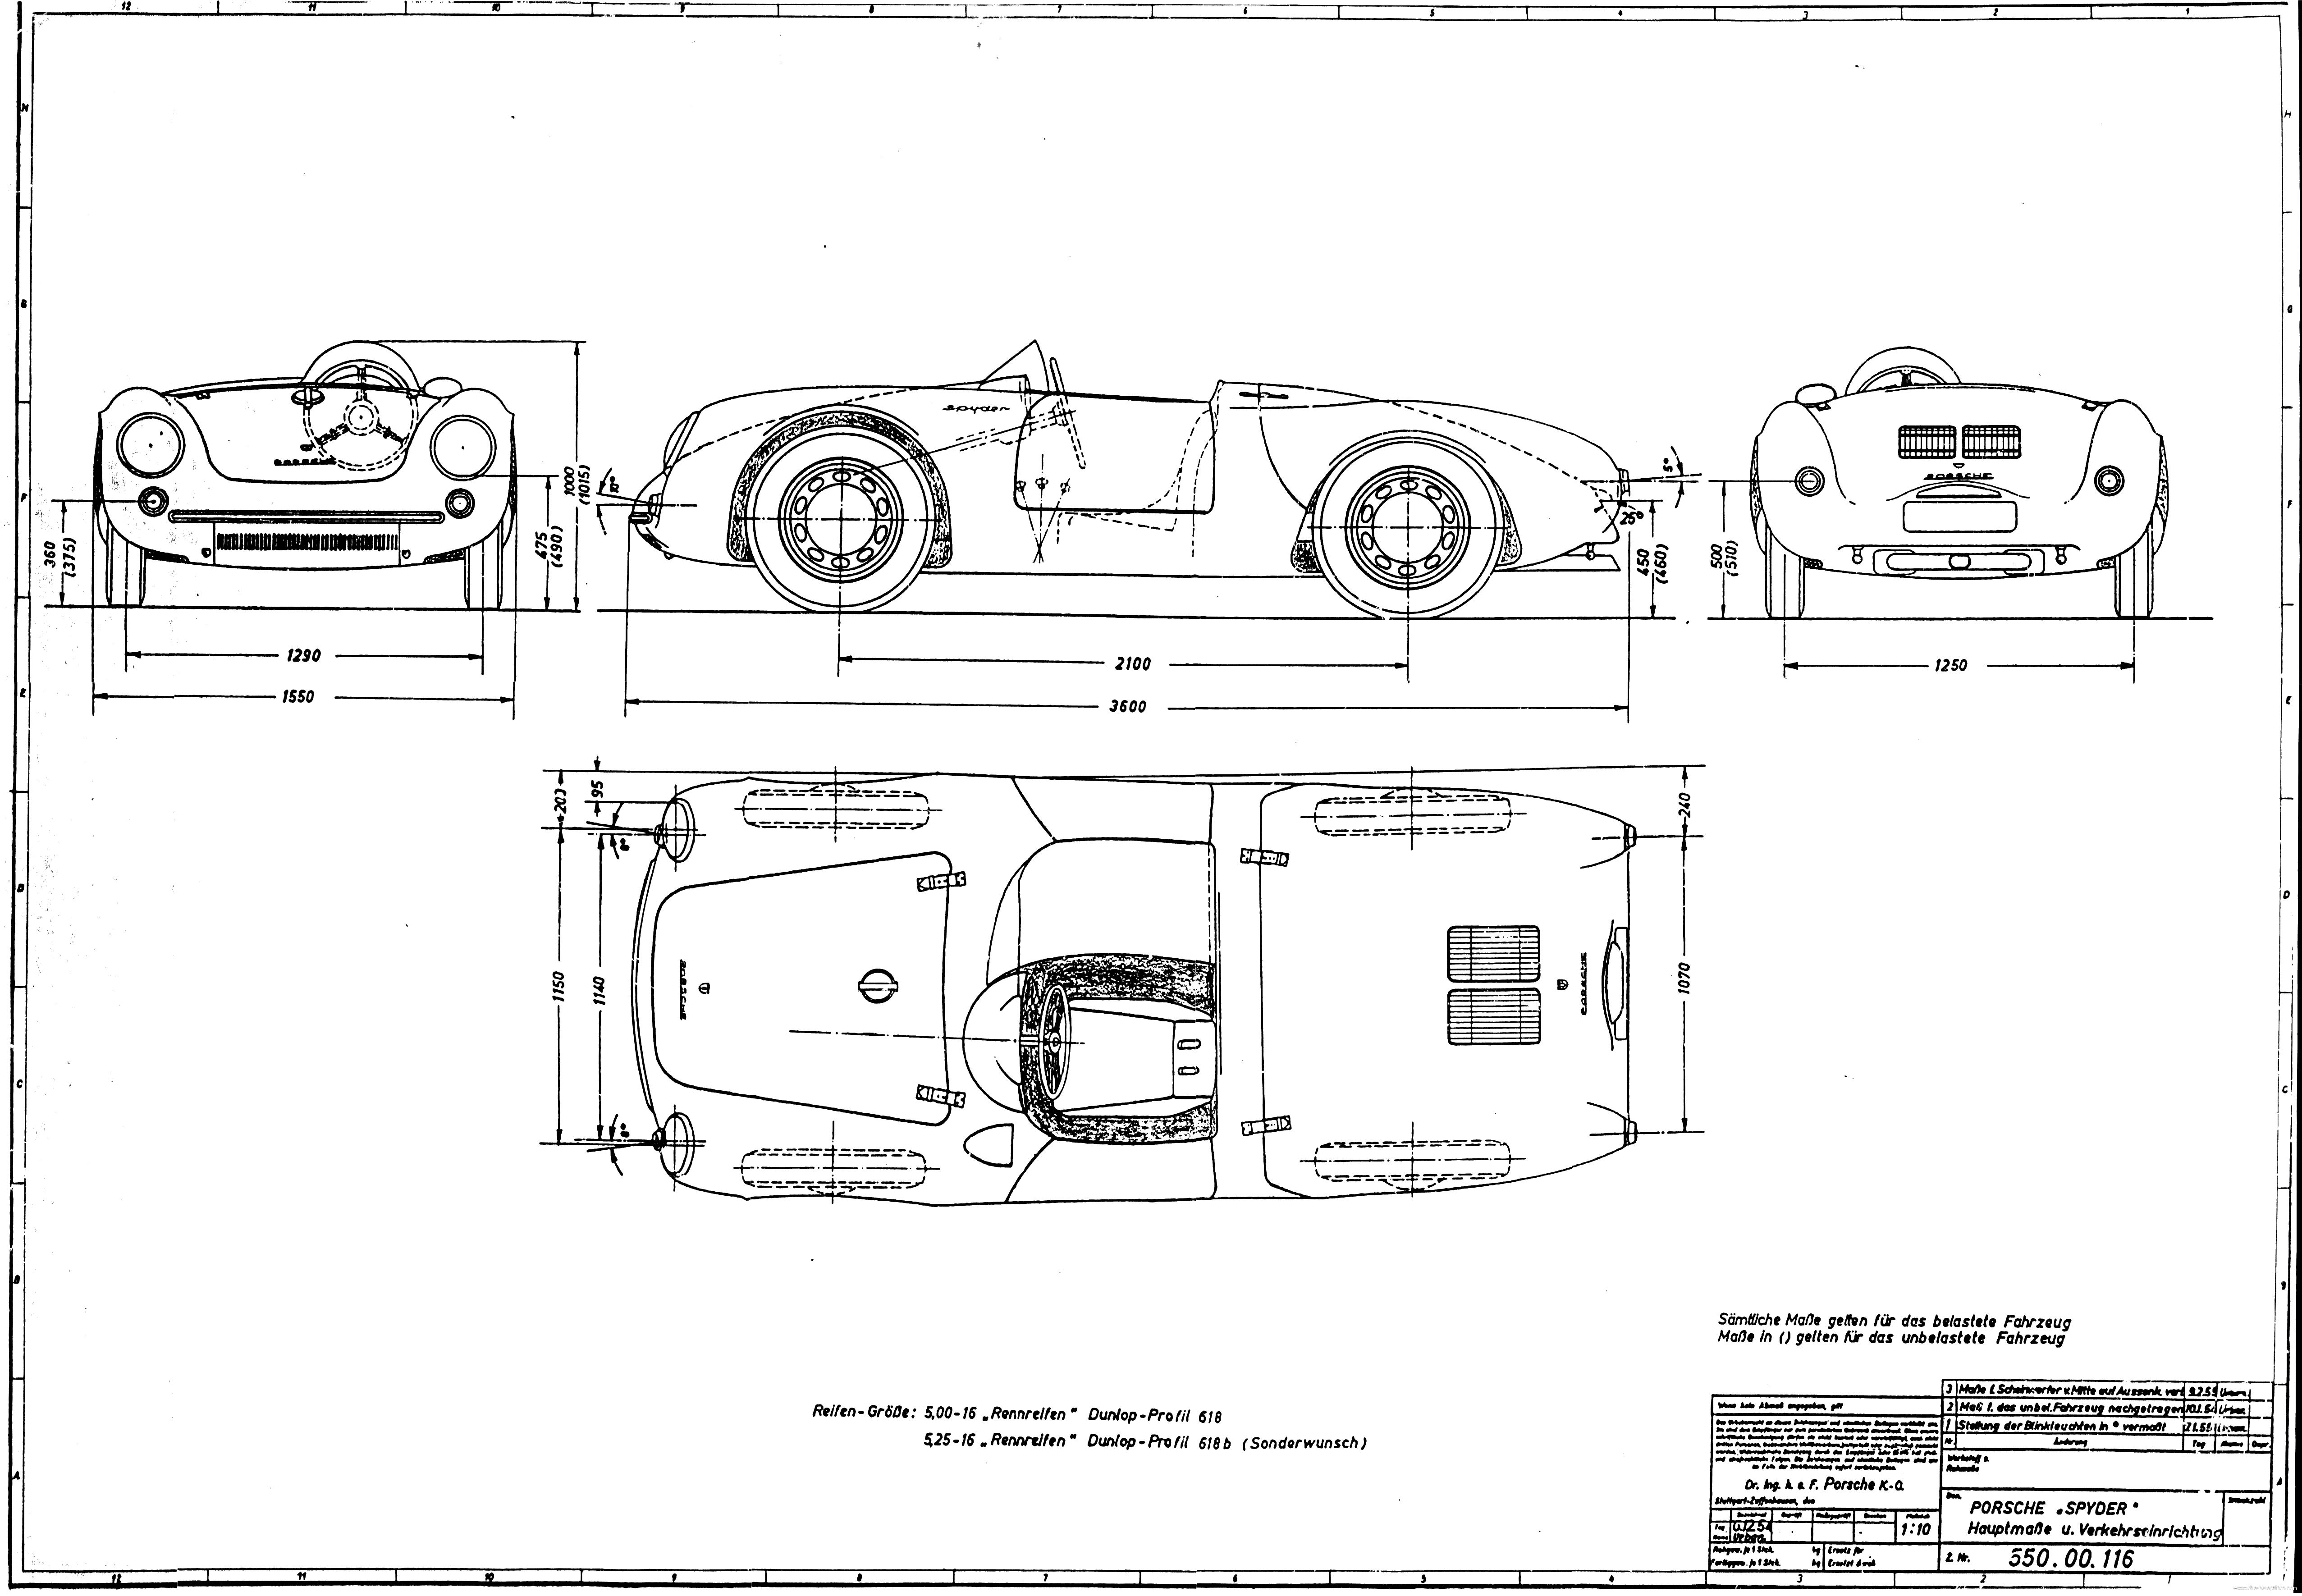 medium resolution of carros porsche porsche 356 porsche cars porsche replica porsche modelos vintage